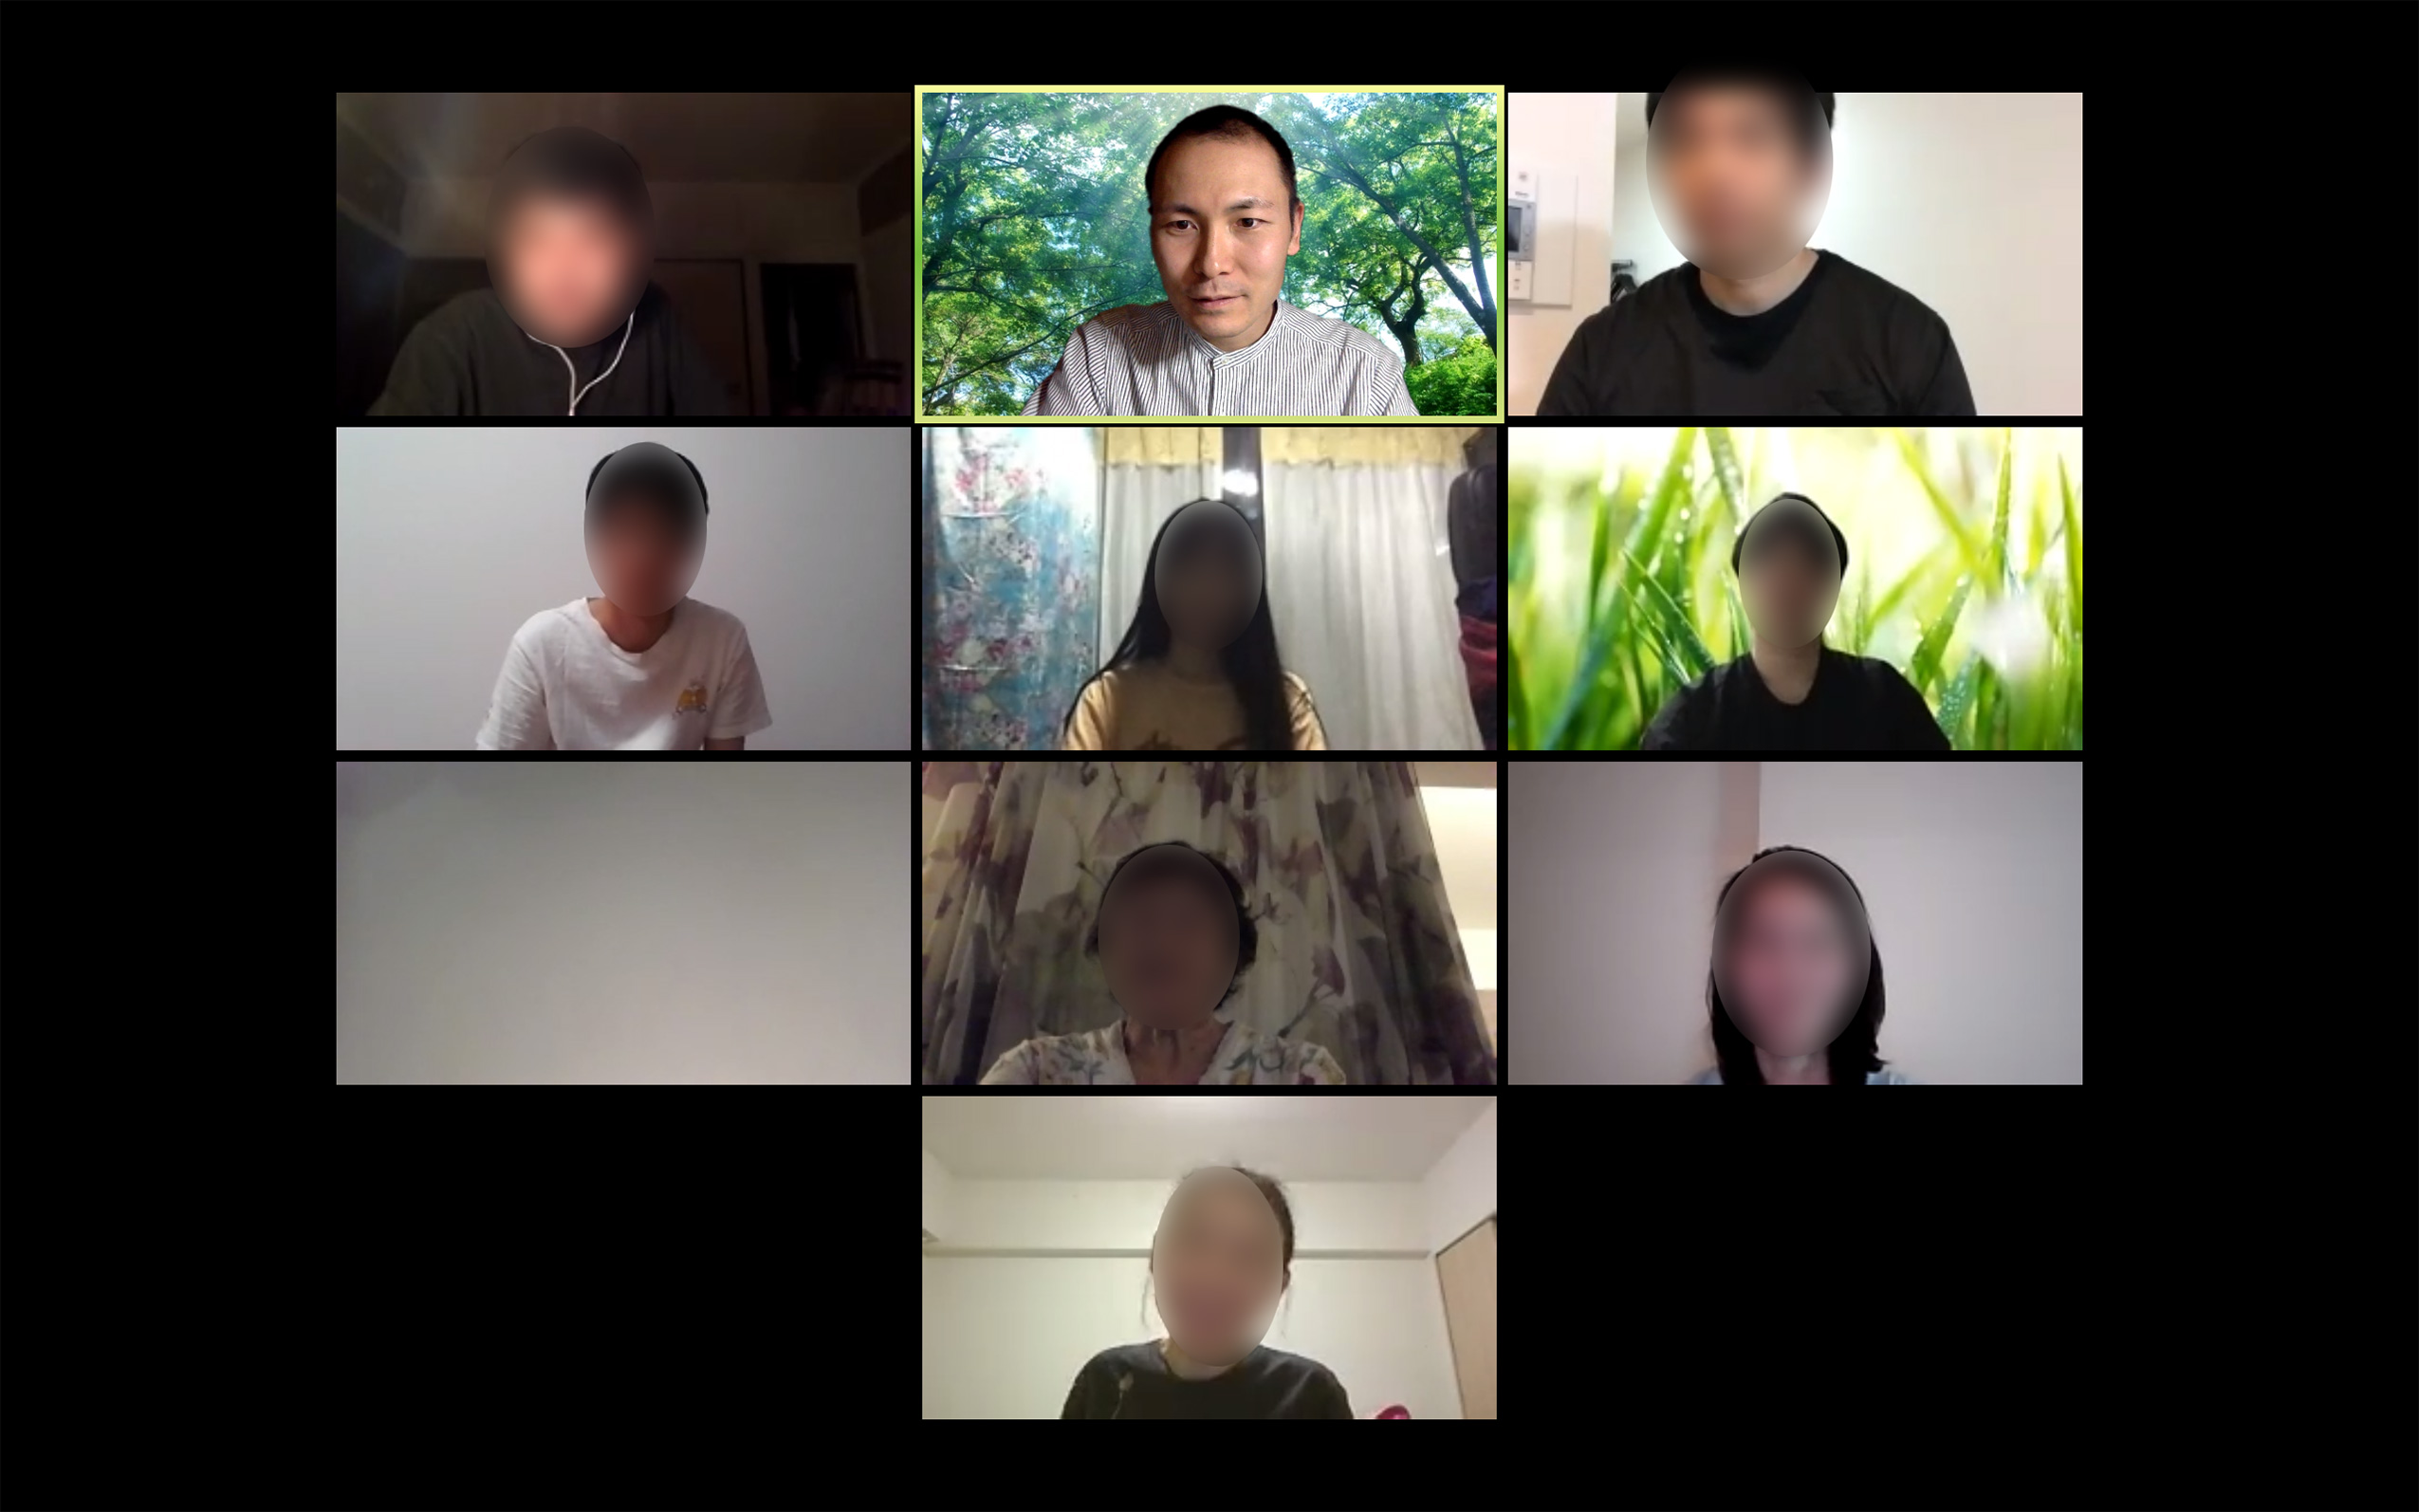 オンライン瞑想会